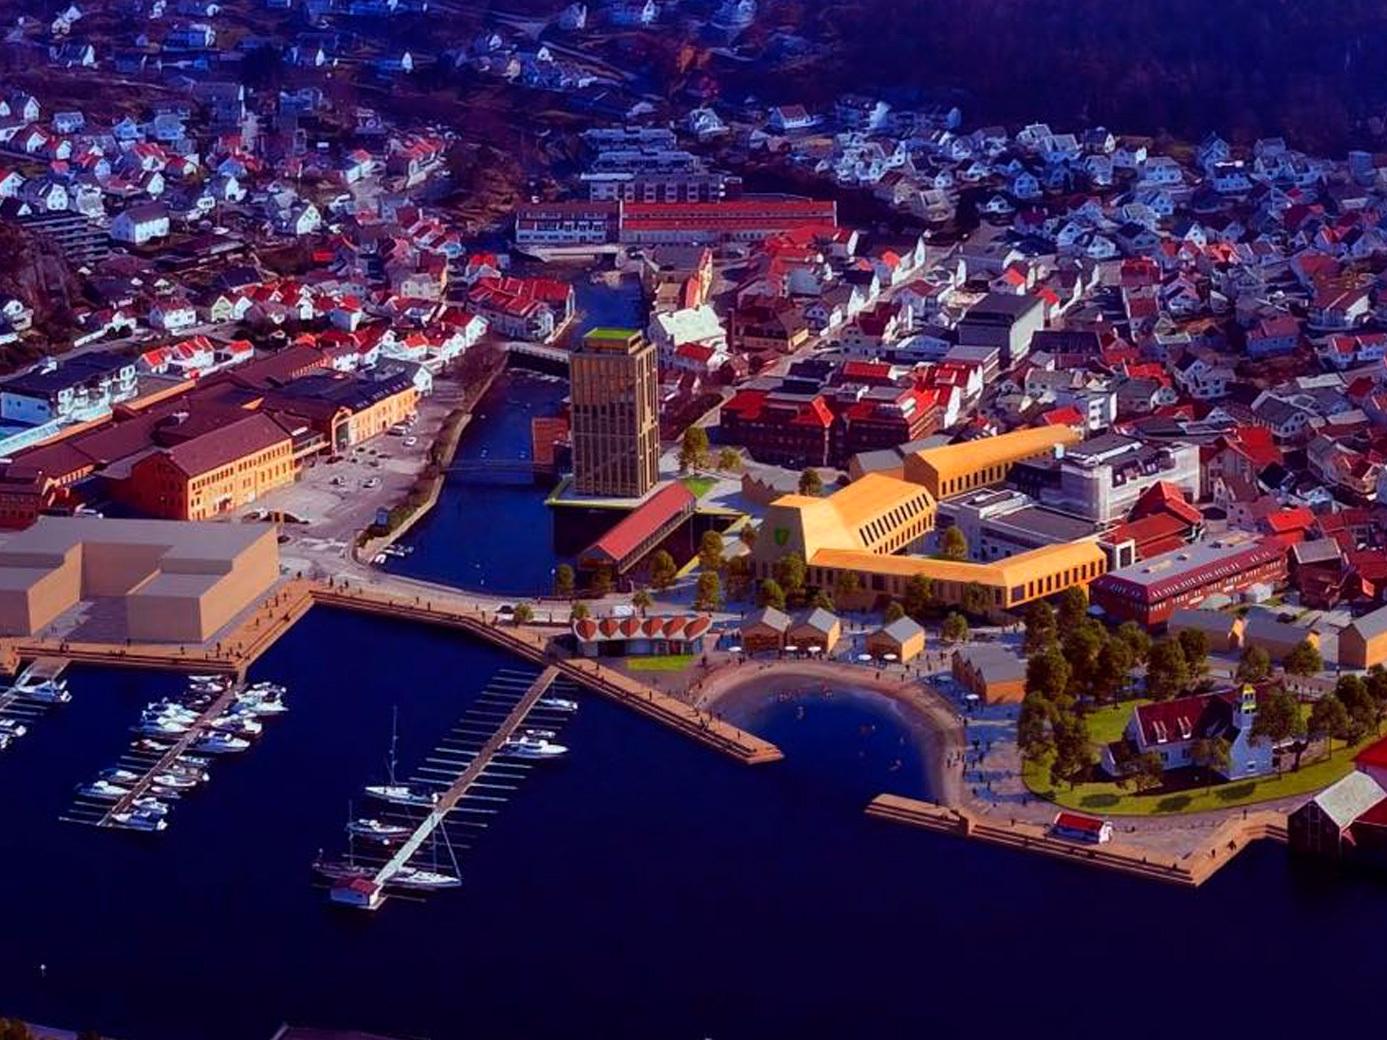 Mulighetstudie av Egersund. Bilde natt